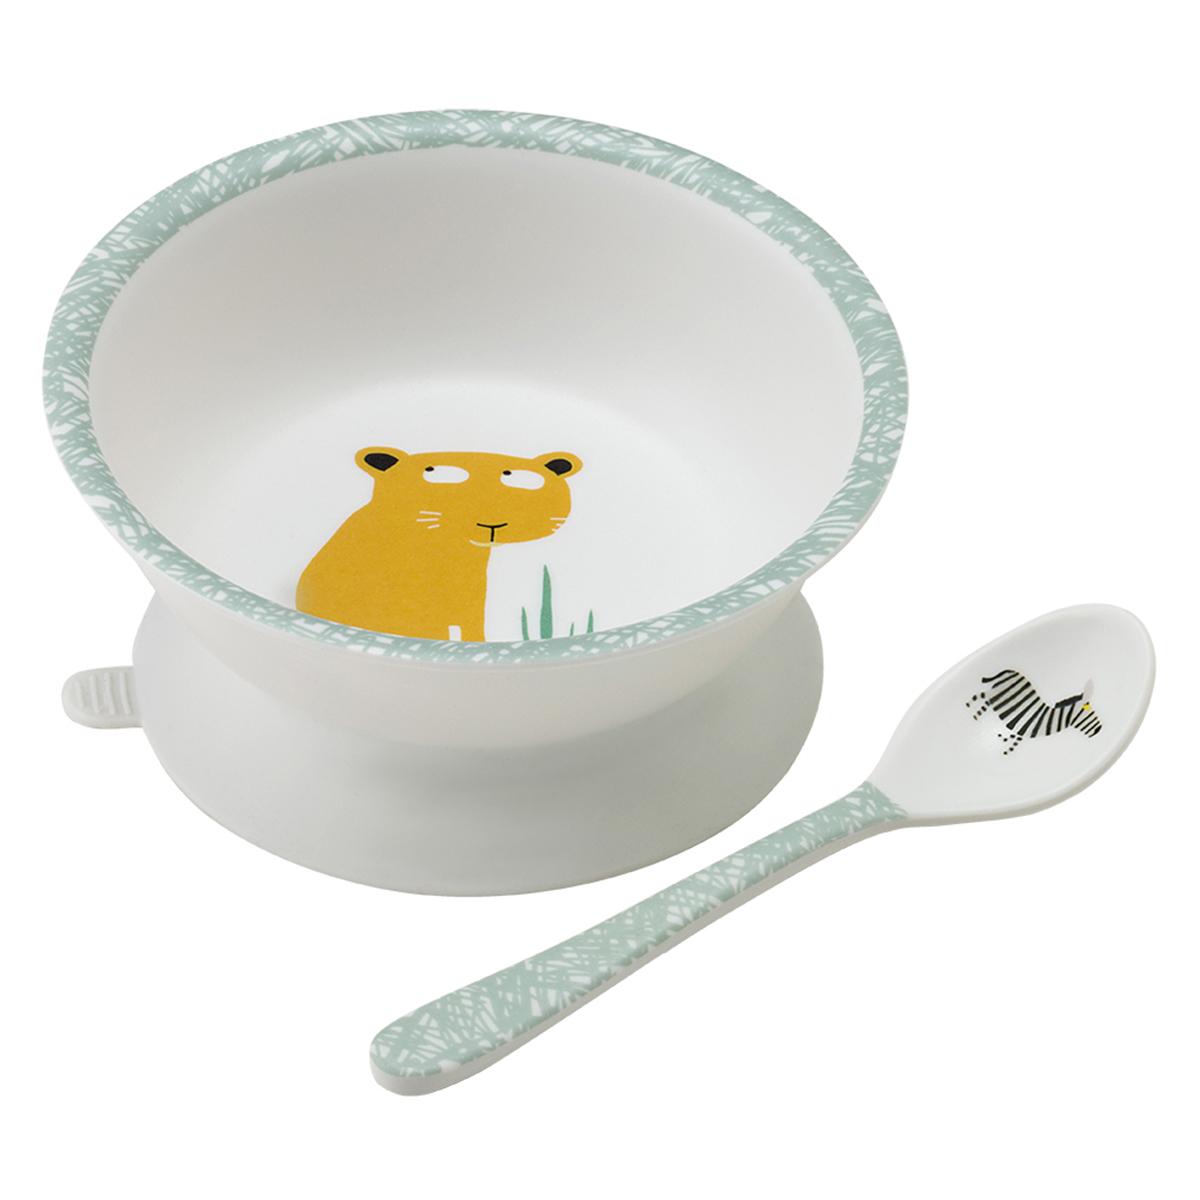 Vaisselle & Couvert Bol Ventouse et Cuillère - Savane Bol Ventouse et Cuillère - Savane